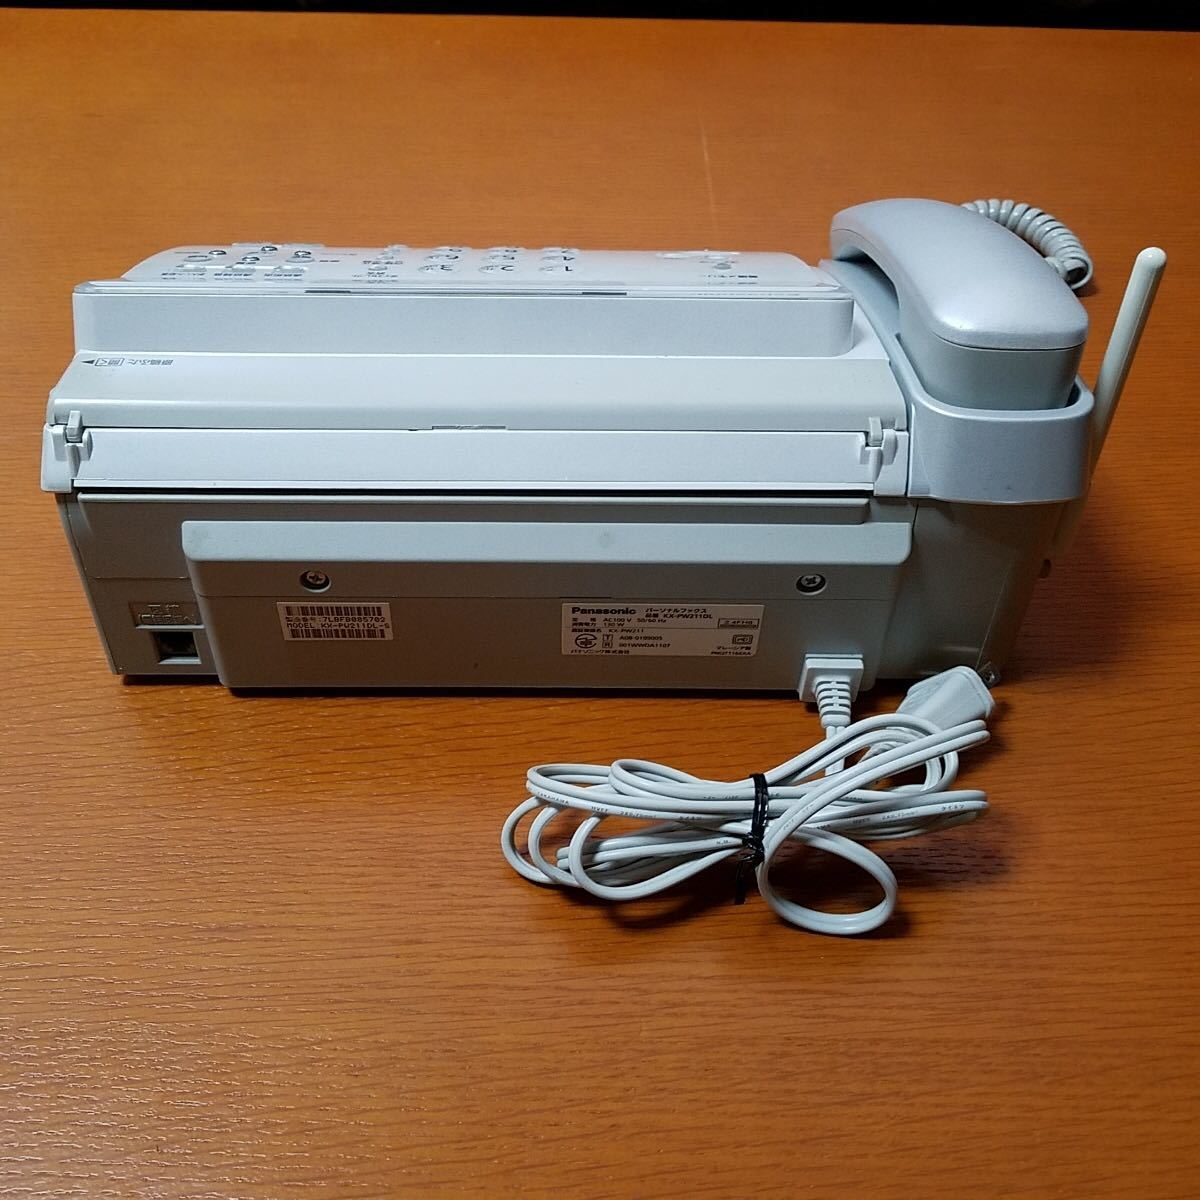 元箱入り 美品 Panasonic KX-PW211DL-S パナソニック パーソナルファックス おたっくす 電話機 親機_画像5